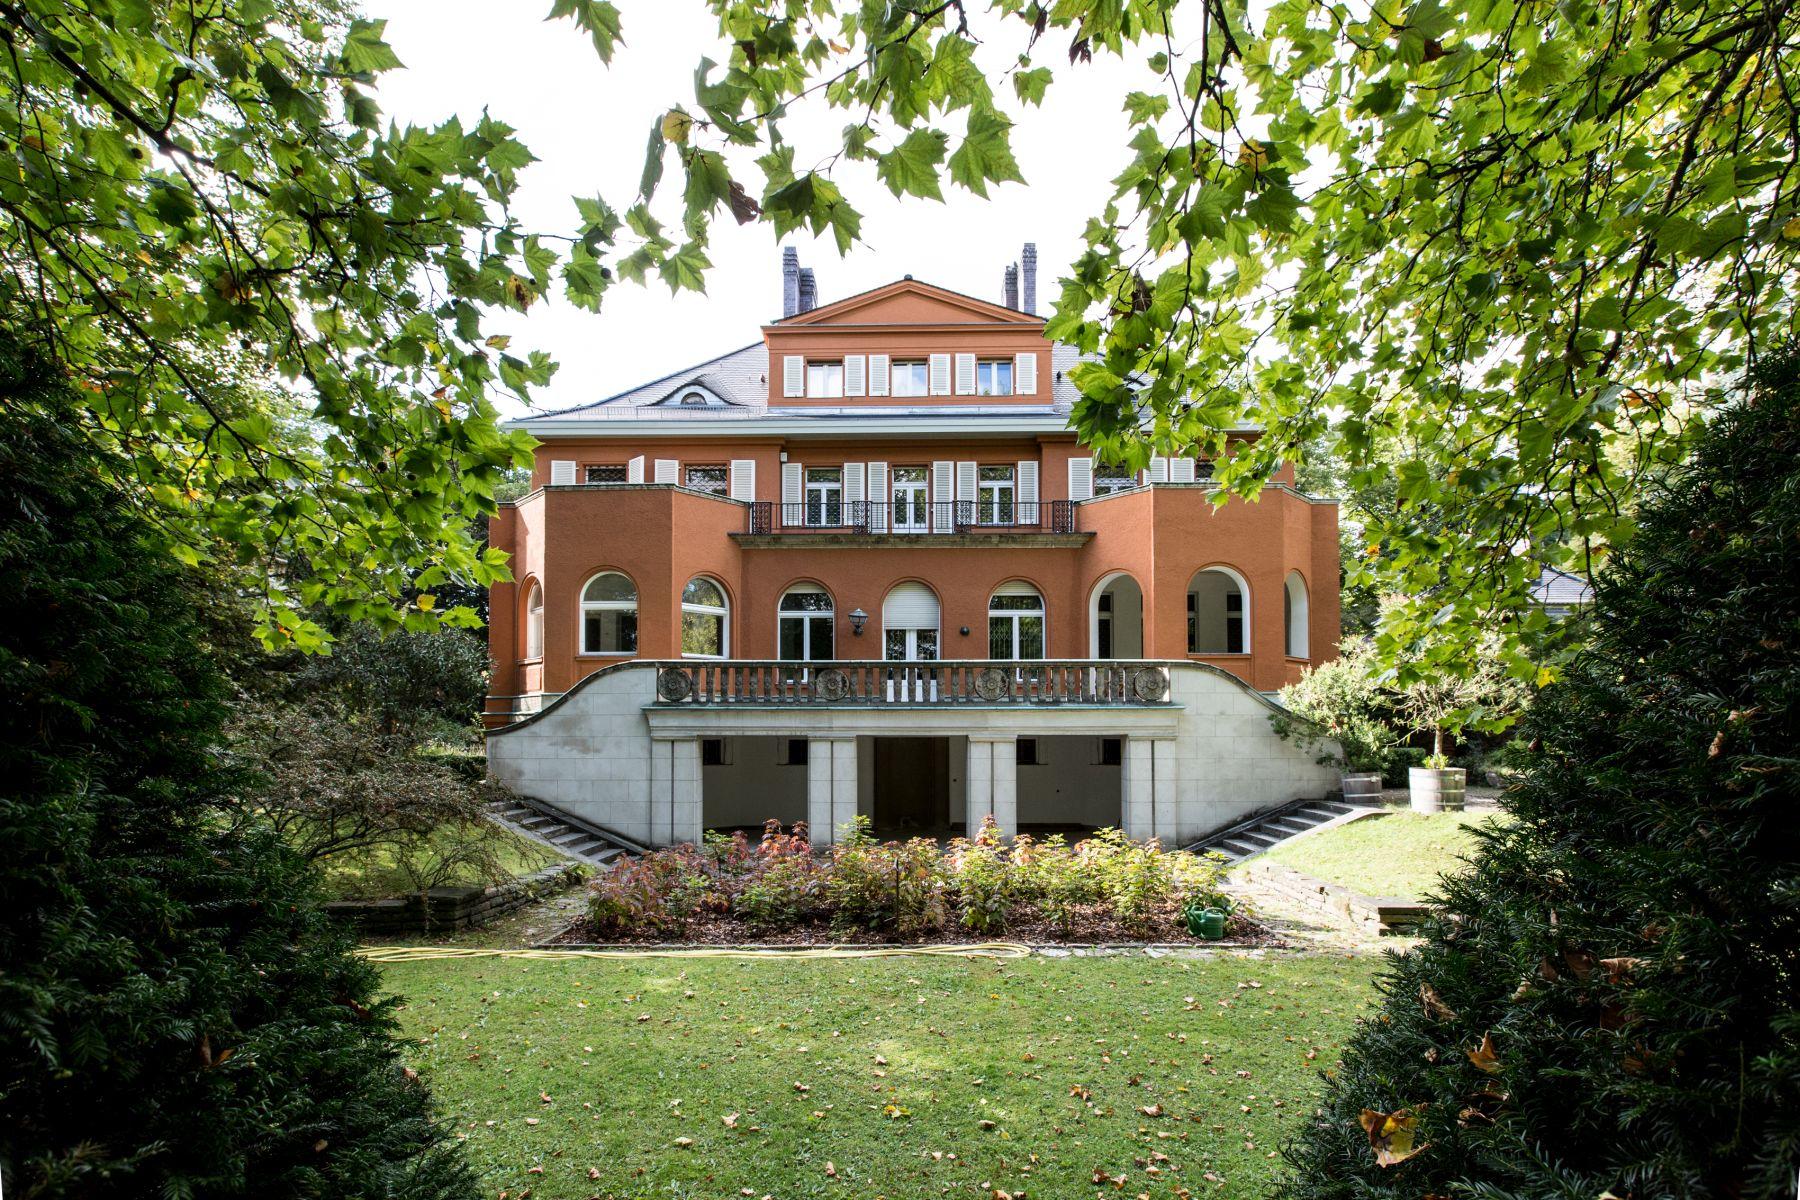 Casa Unifamiliar por un Venta en Magnificent, Historical Villa in an exclusive Location! Berlin, Berlin, 14195 Alemania